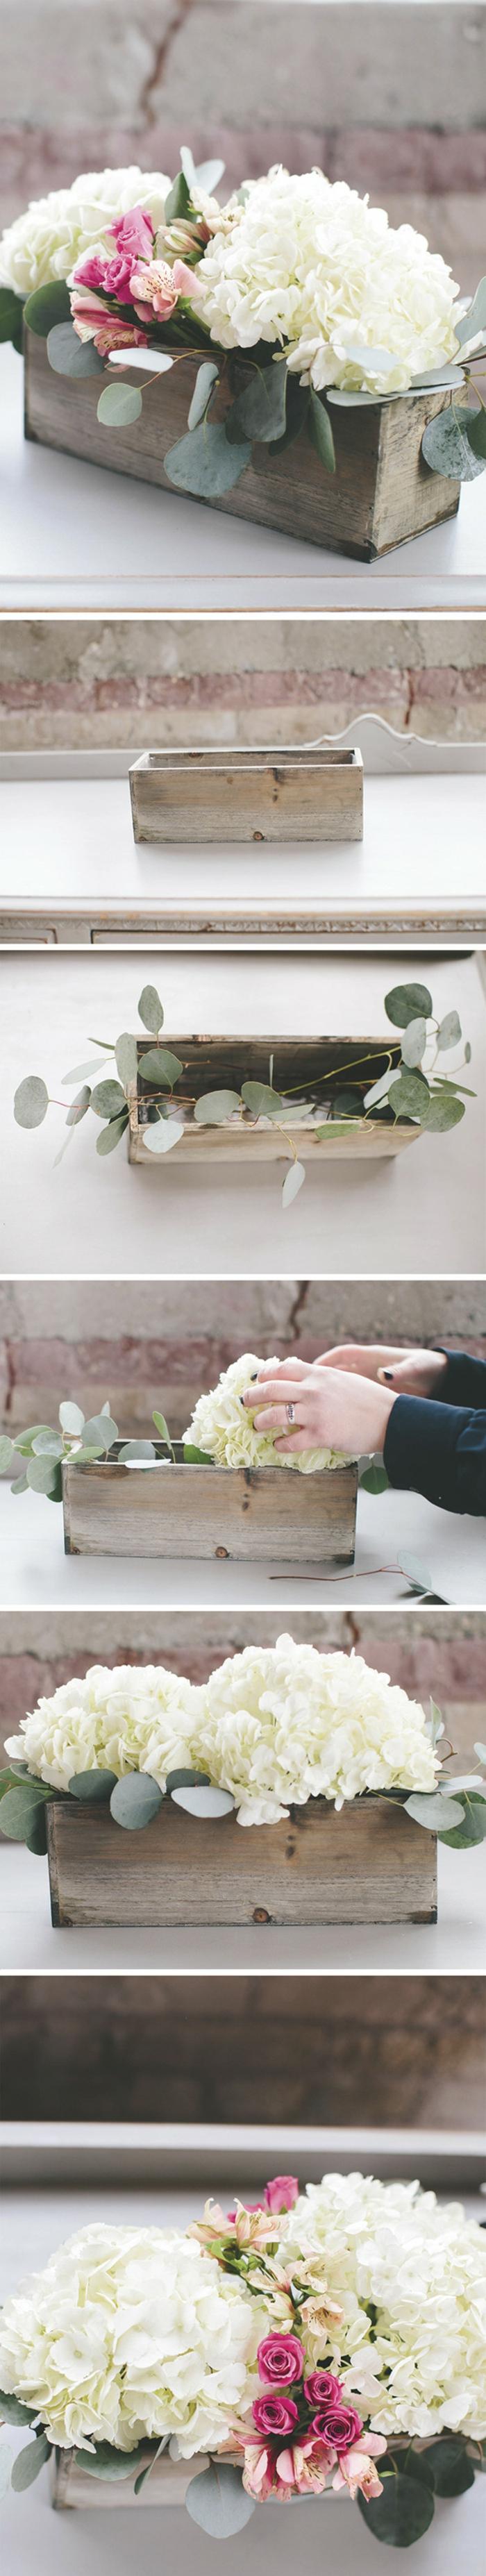 deko sommerfest, blumentopf aus holz mit weißen hortensien und grünen zweigen